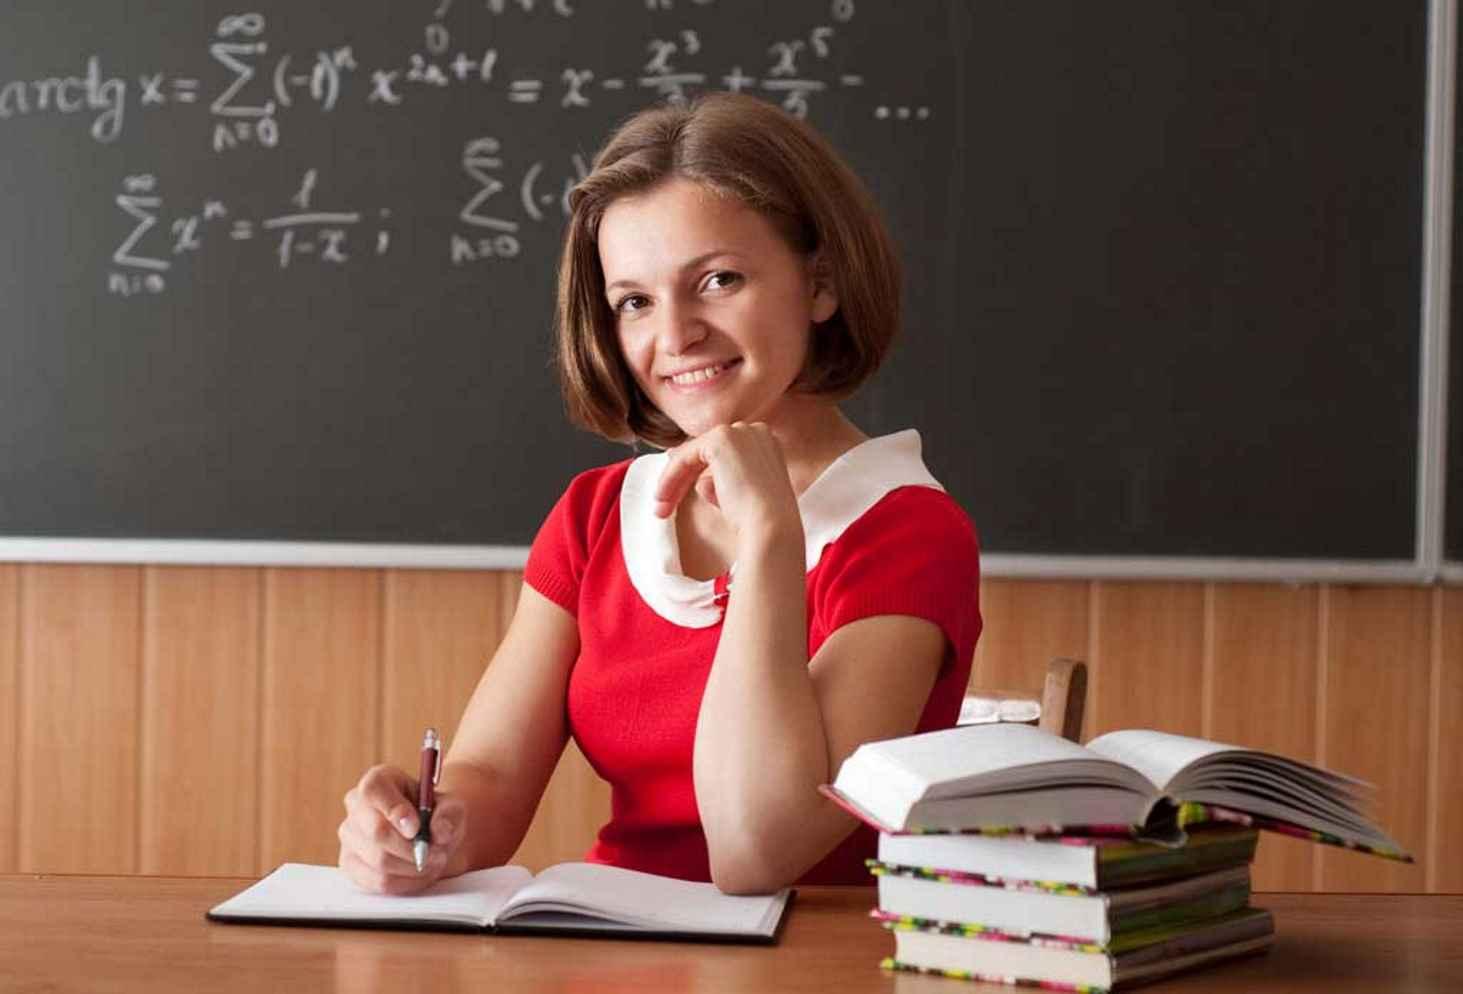 rosstat-bolshe-vsego-zhenshhin-truditsya-v-obrazovanii